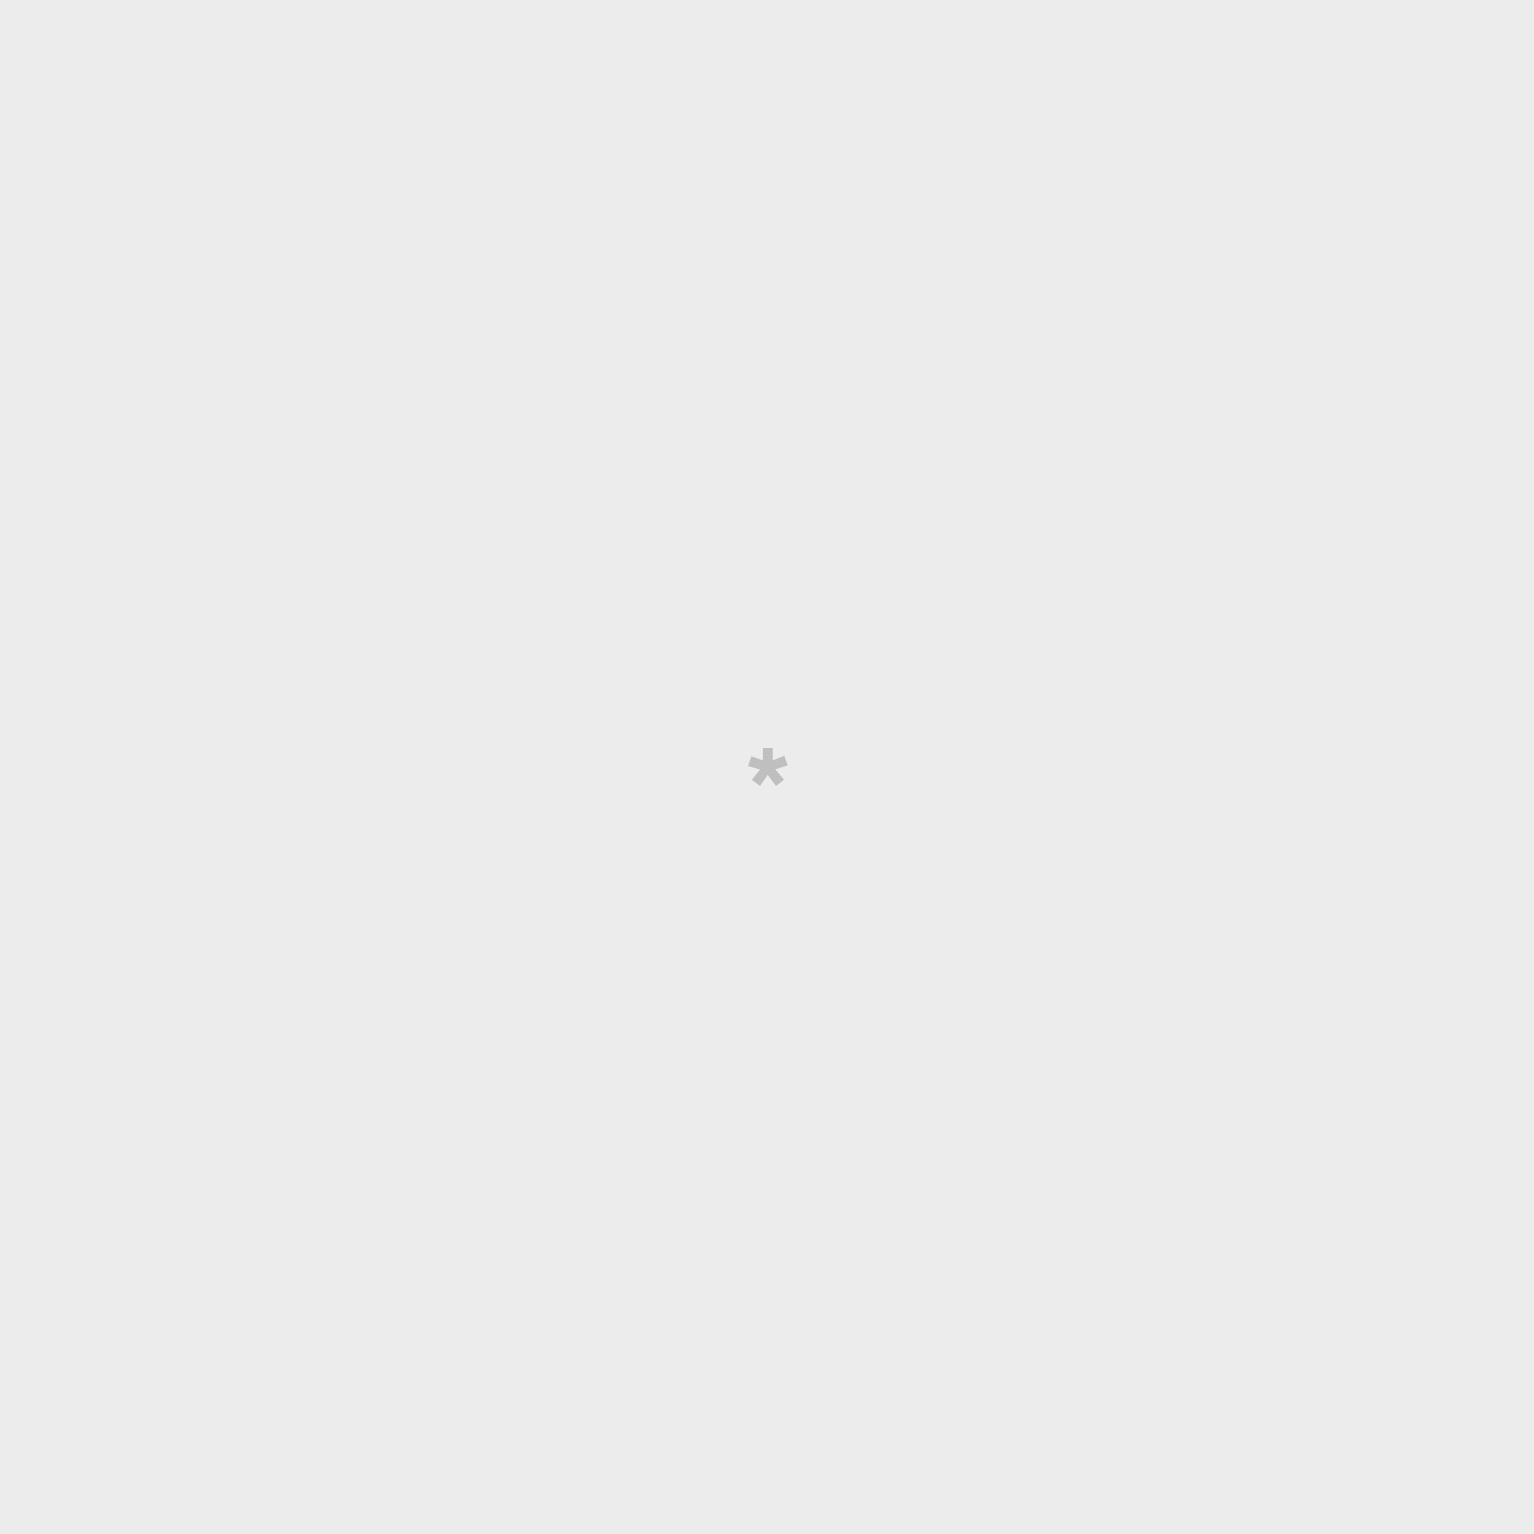 Caja dispensadora de planes, aventuras y primeras veces juntos